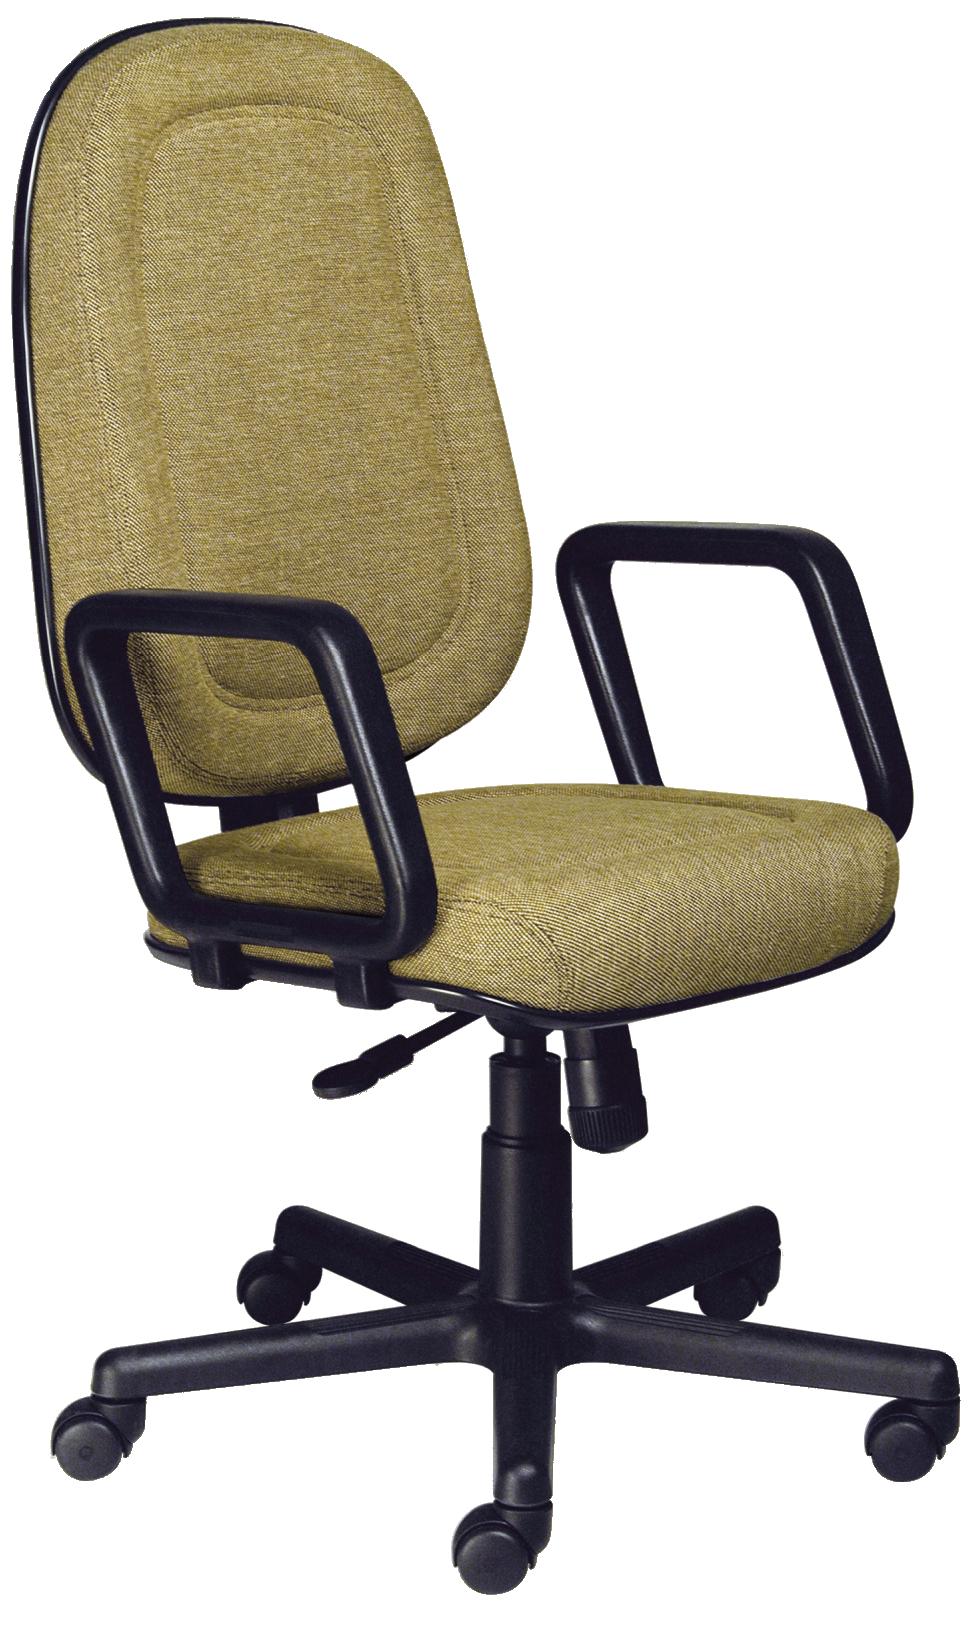 Poltrona para escritório modelo 9001-A